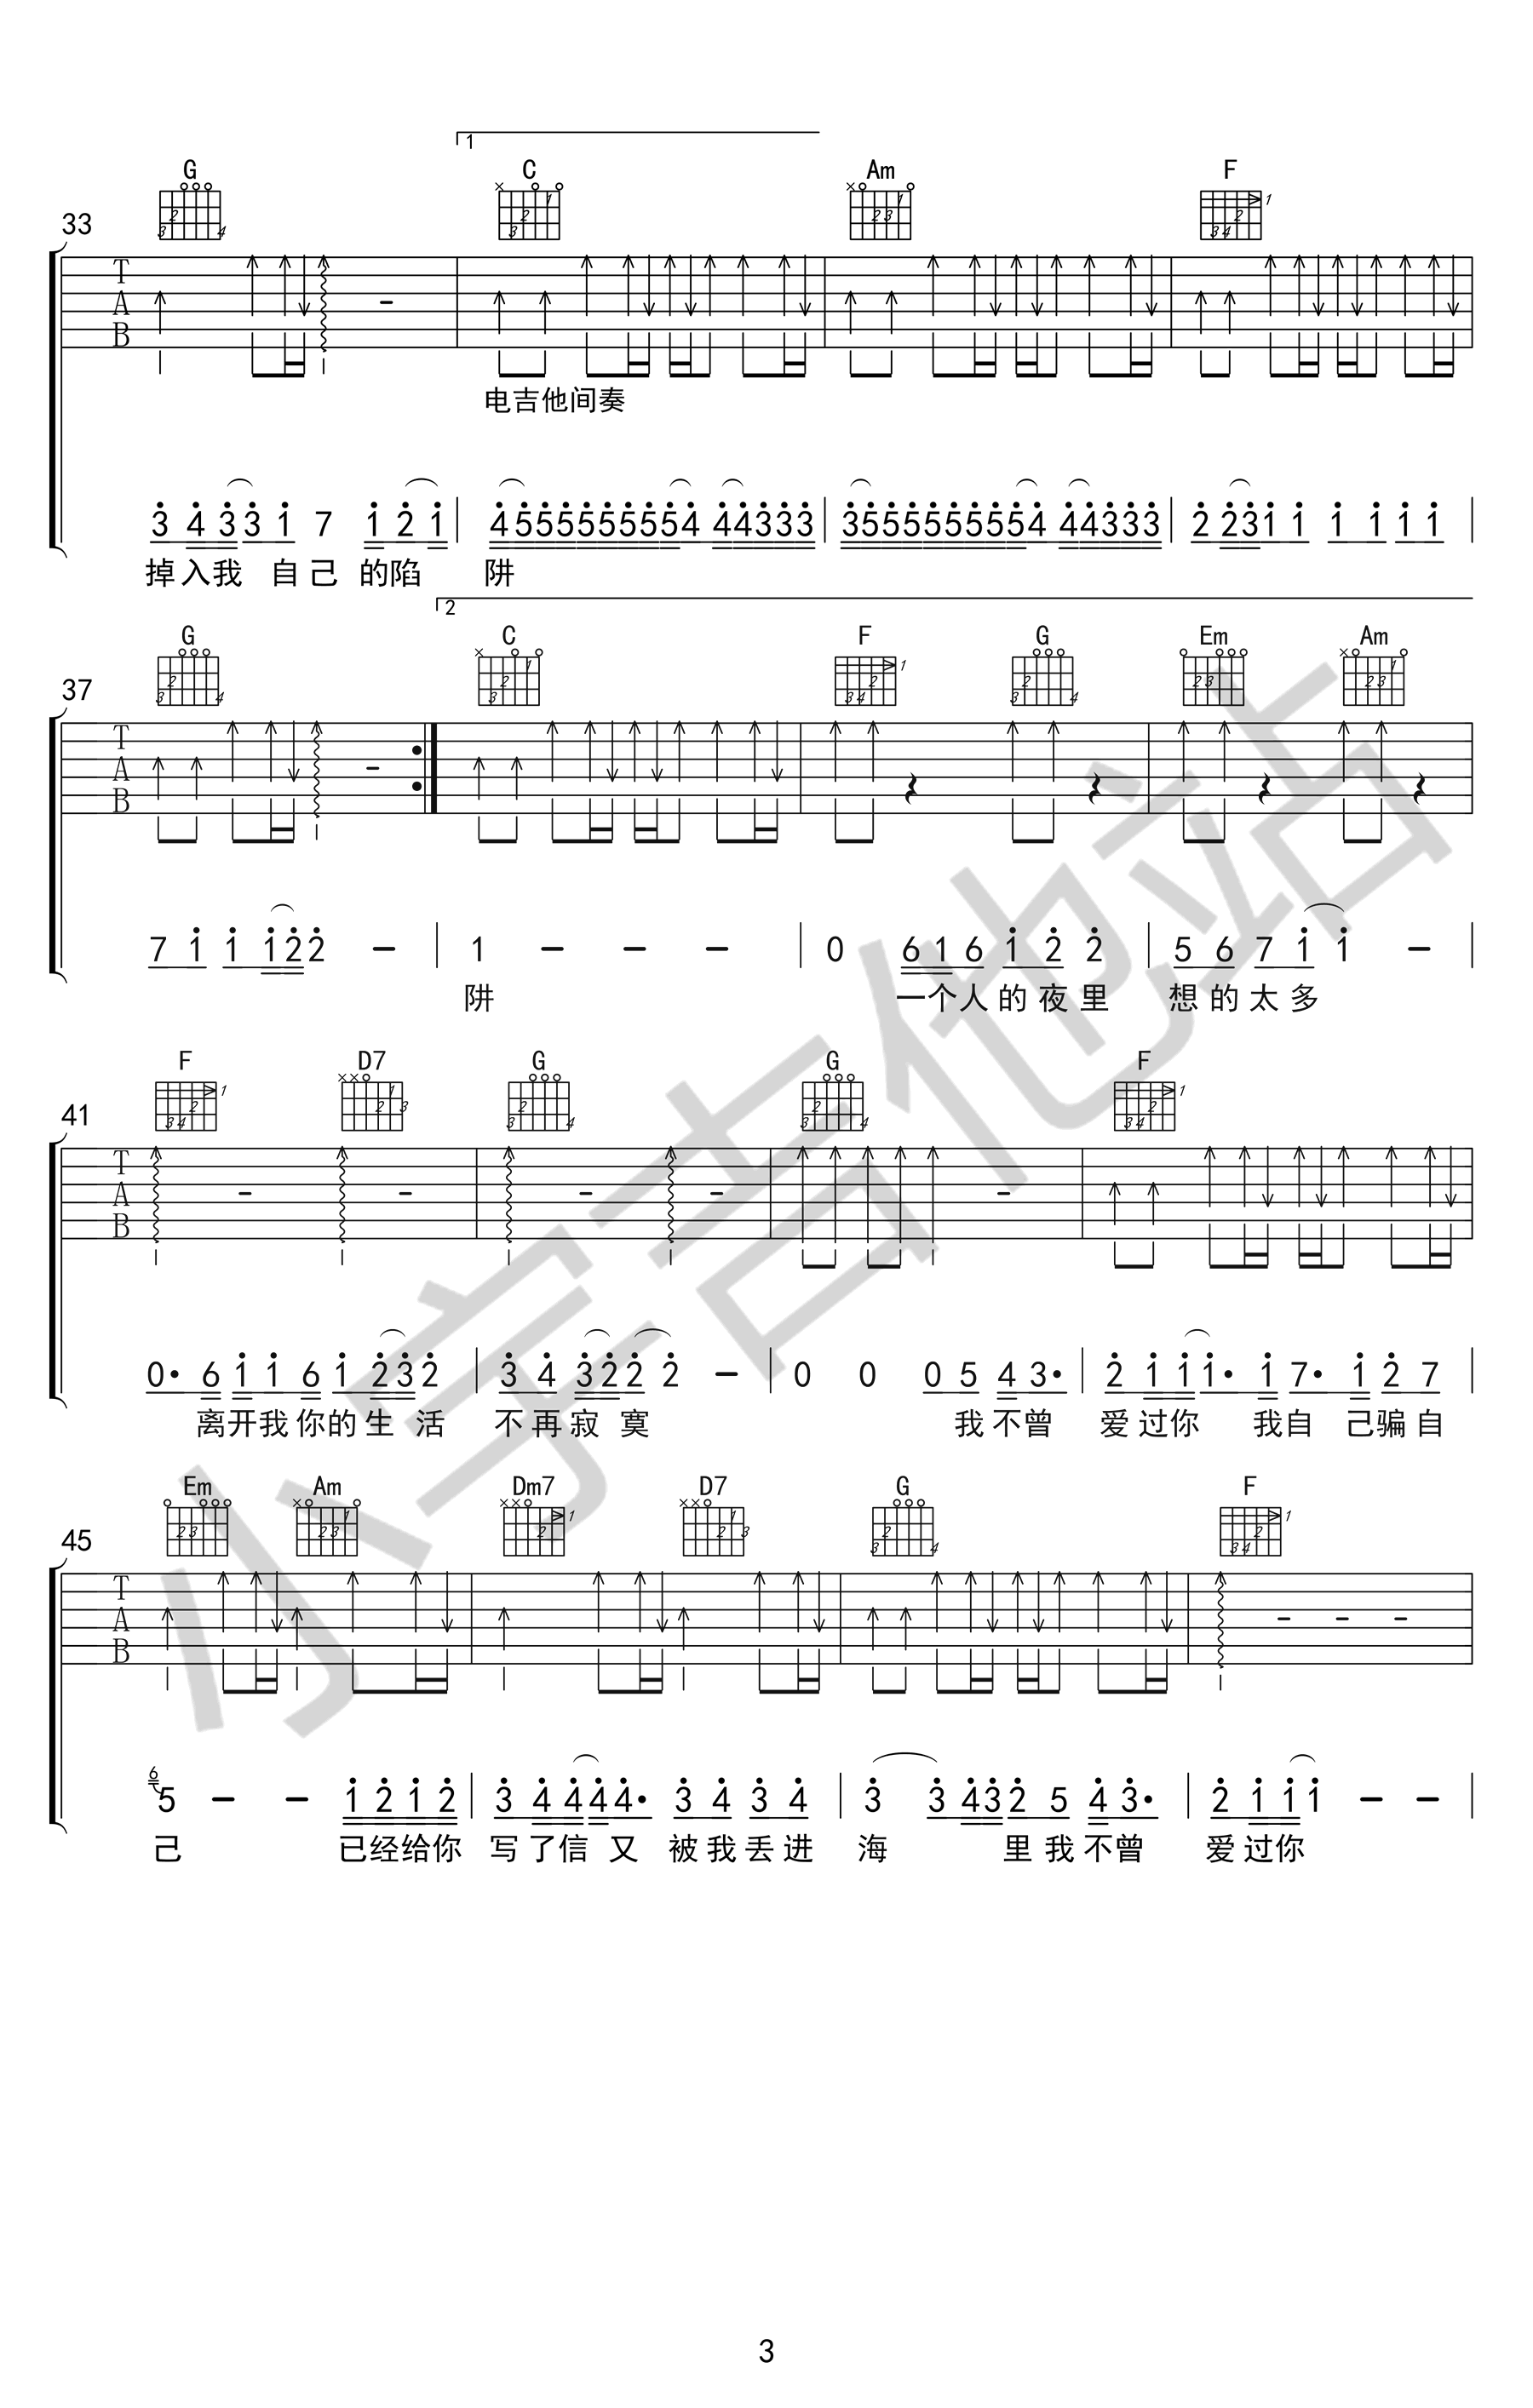 陷阱-王北車-图片吉他谱-3